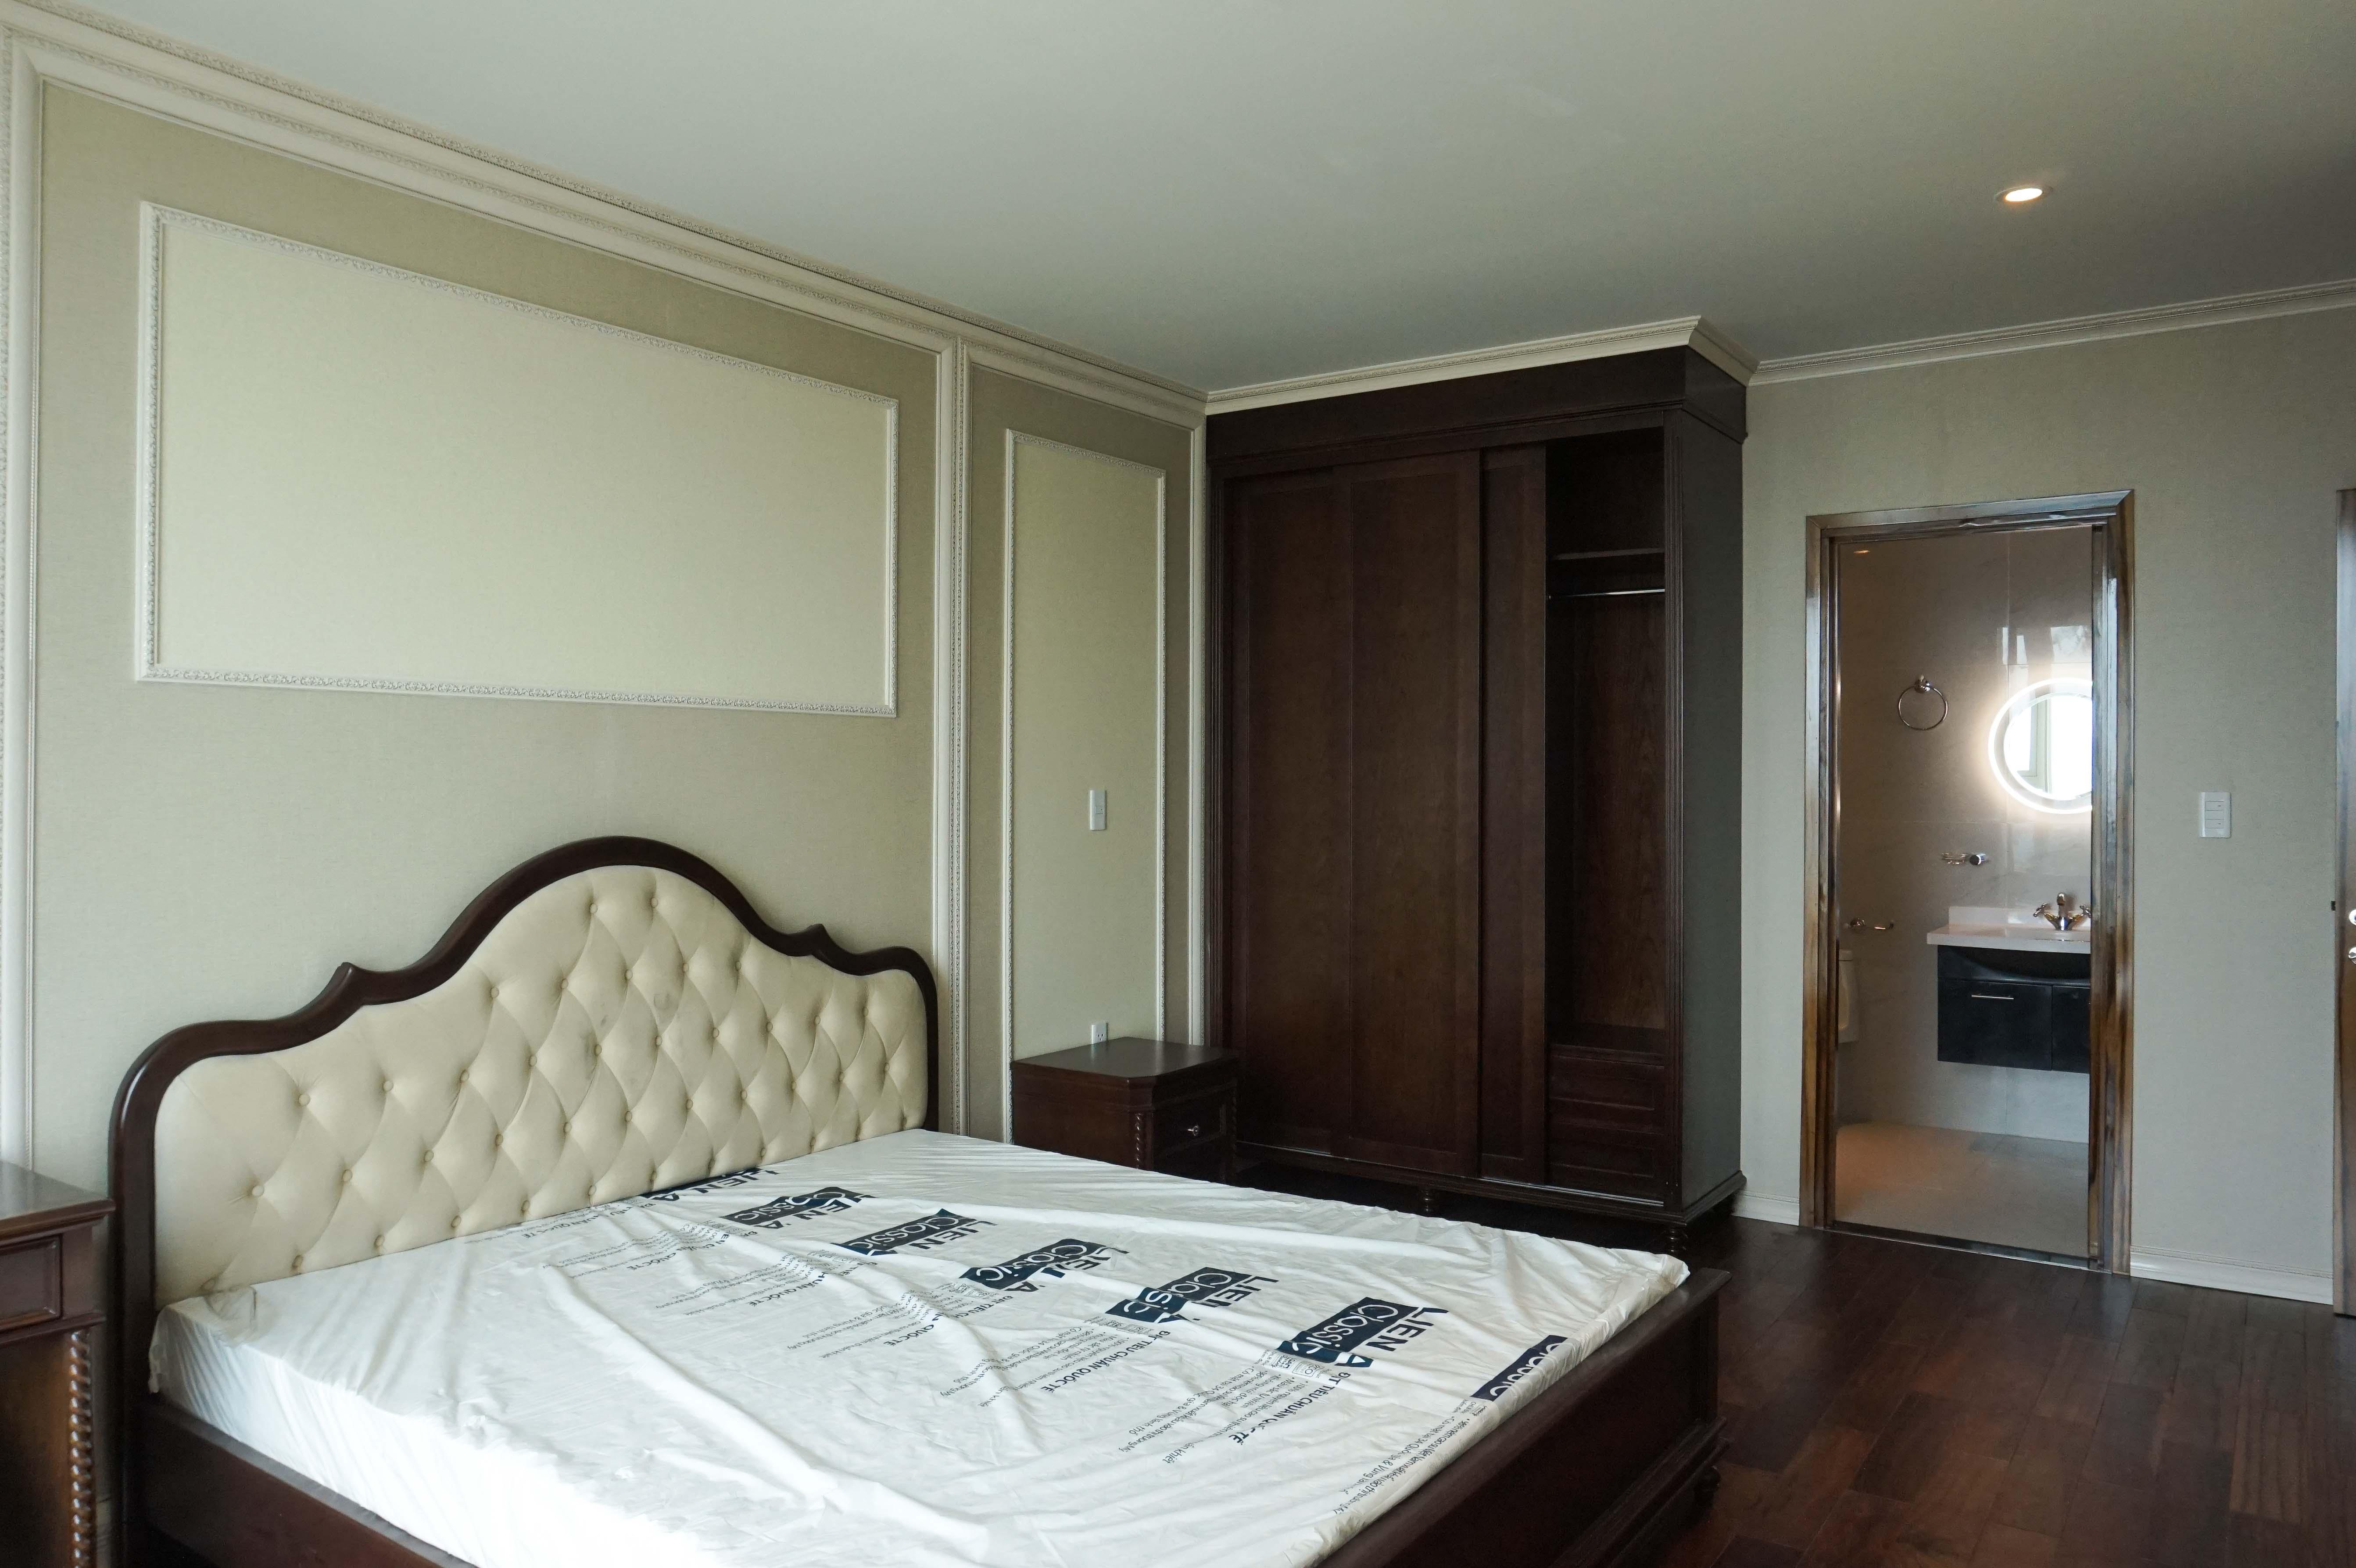 Căn hộ 2 PN Léman Luxury - Đầy Đủ Nội Thất - Căn Hộ Ấm Cúng Và Tinh Tế-15